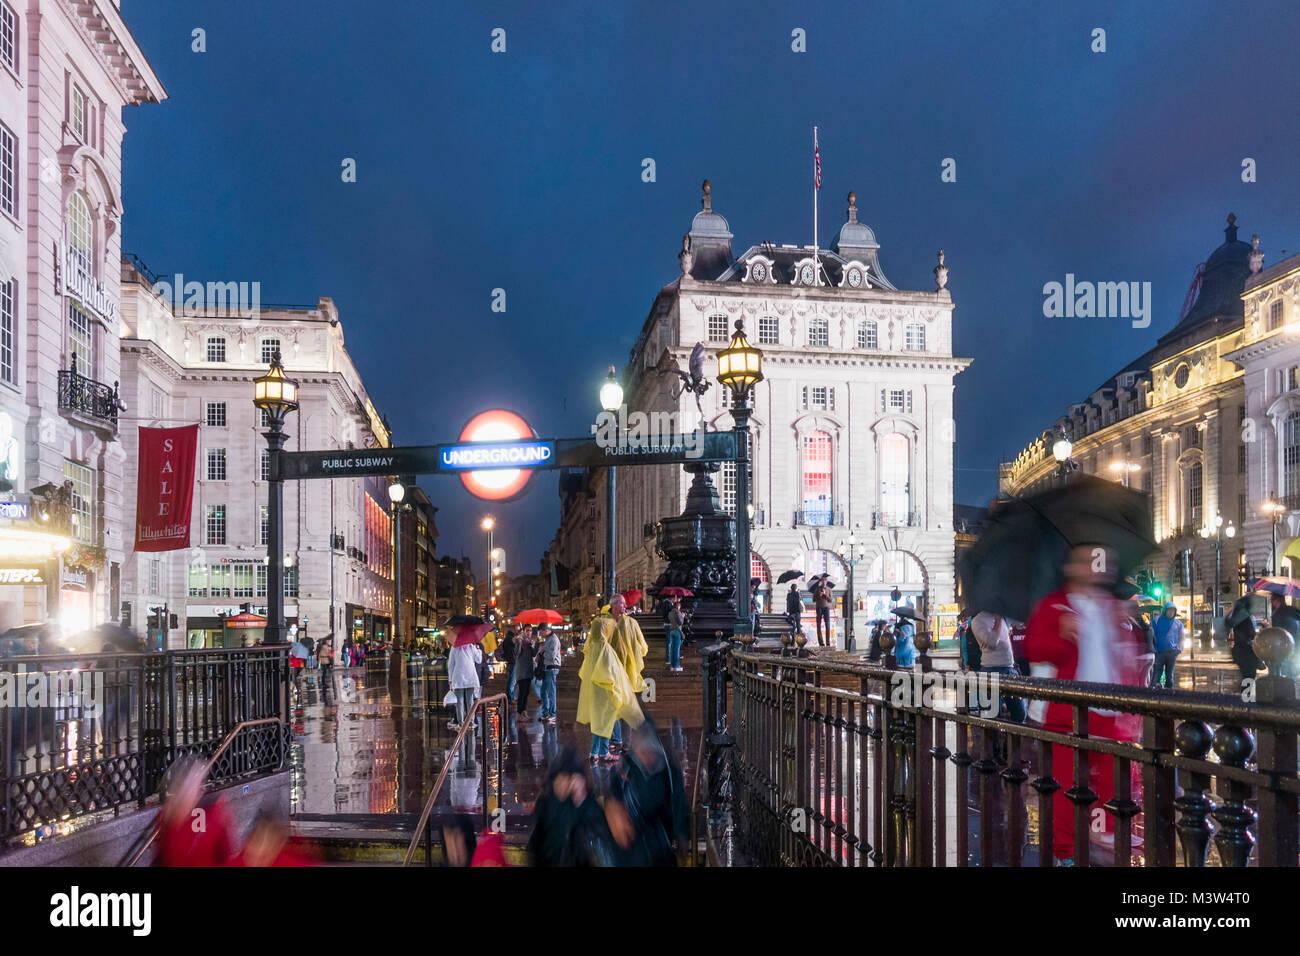 Menschen mit Sonnenschirmen, Piccadilly Circus, Regen, abends, in der U-Bahn Eingang, London, UK Stockbild